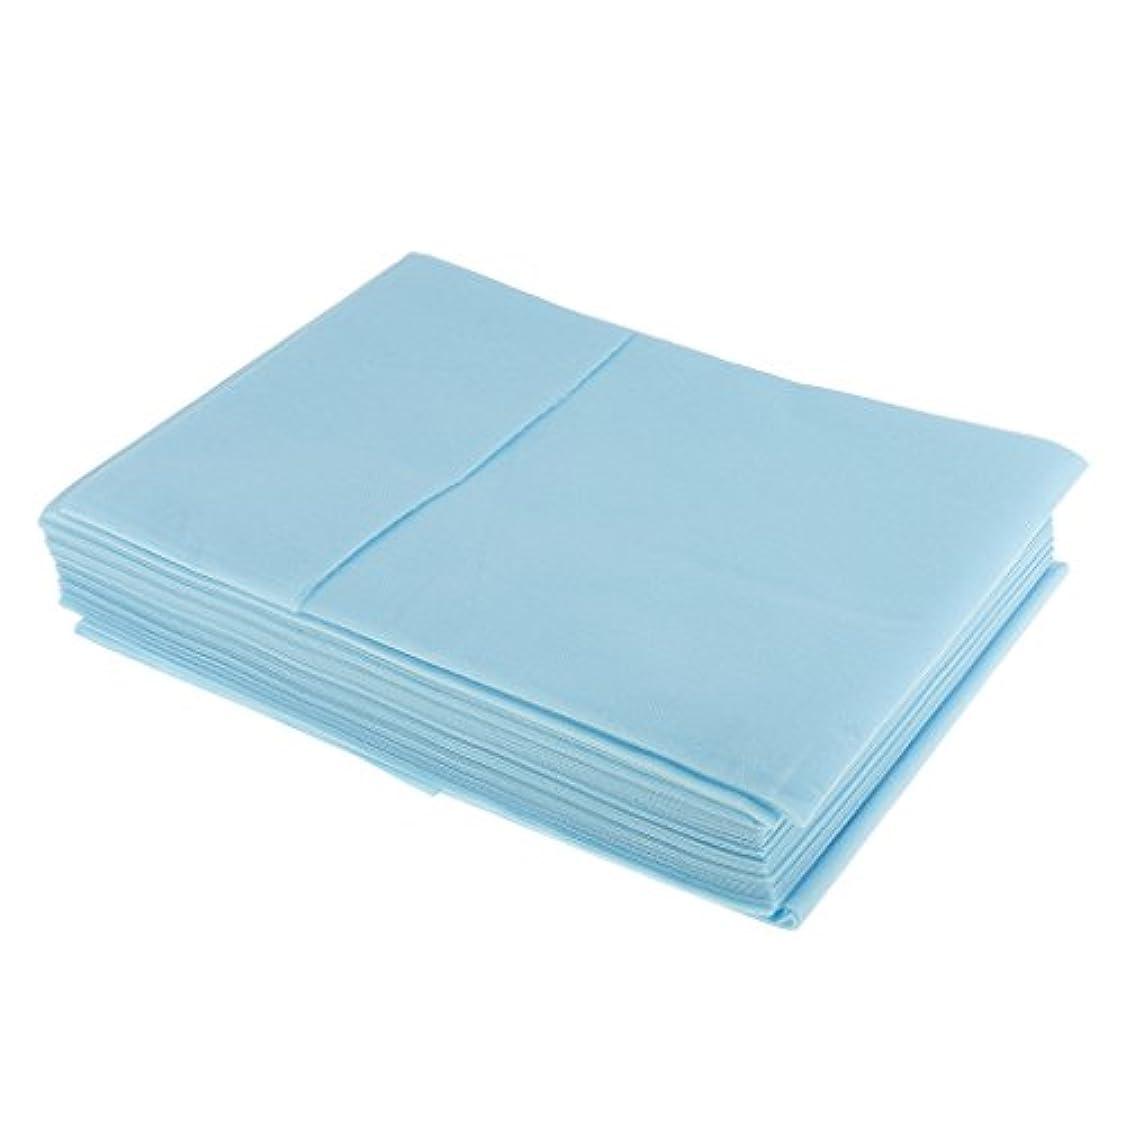 アソシエイト外部生じるSONONIA 使い捨て 美容室/マッサージ/サロン/ホテル ベッドパッド 無織PP 衛生シート 10枚 全3色選べ - 青